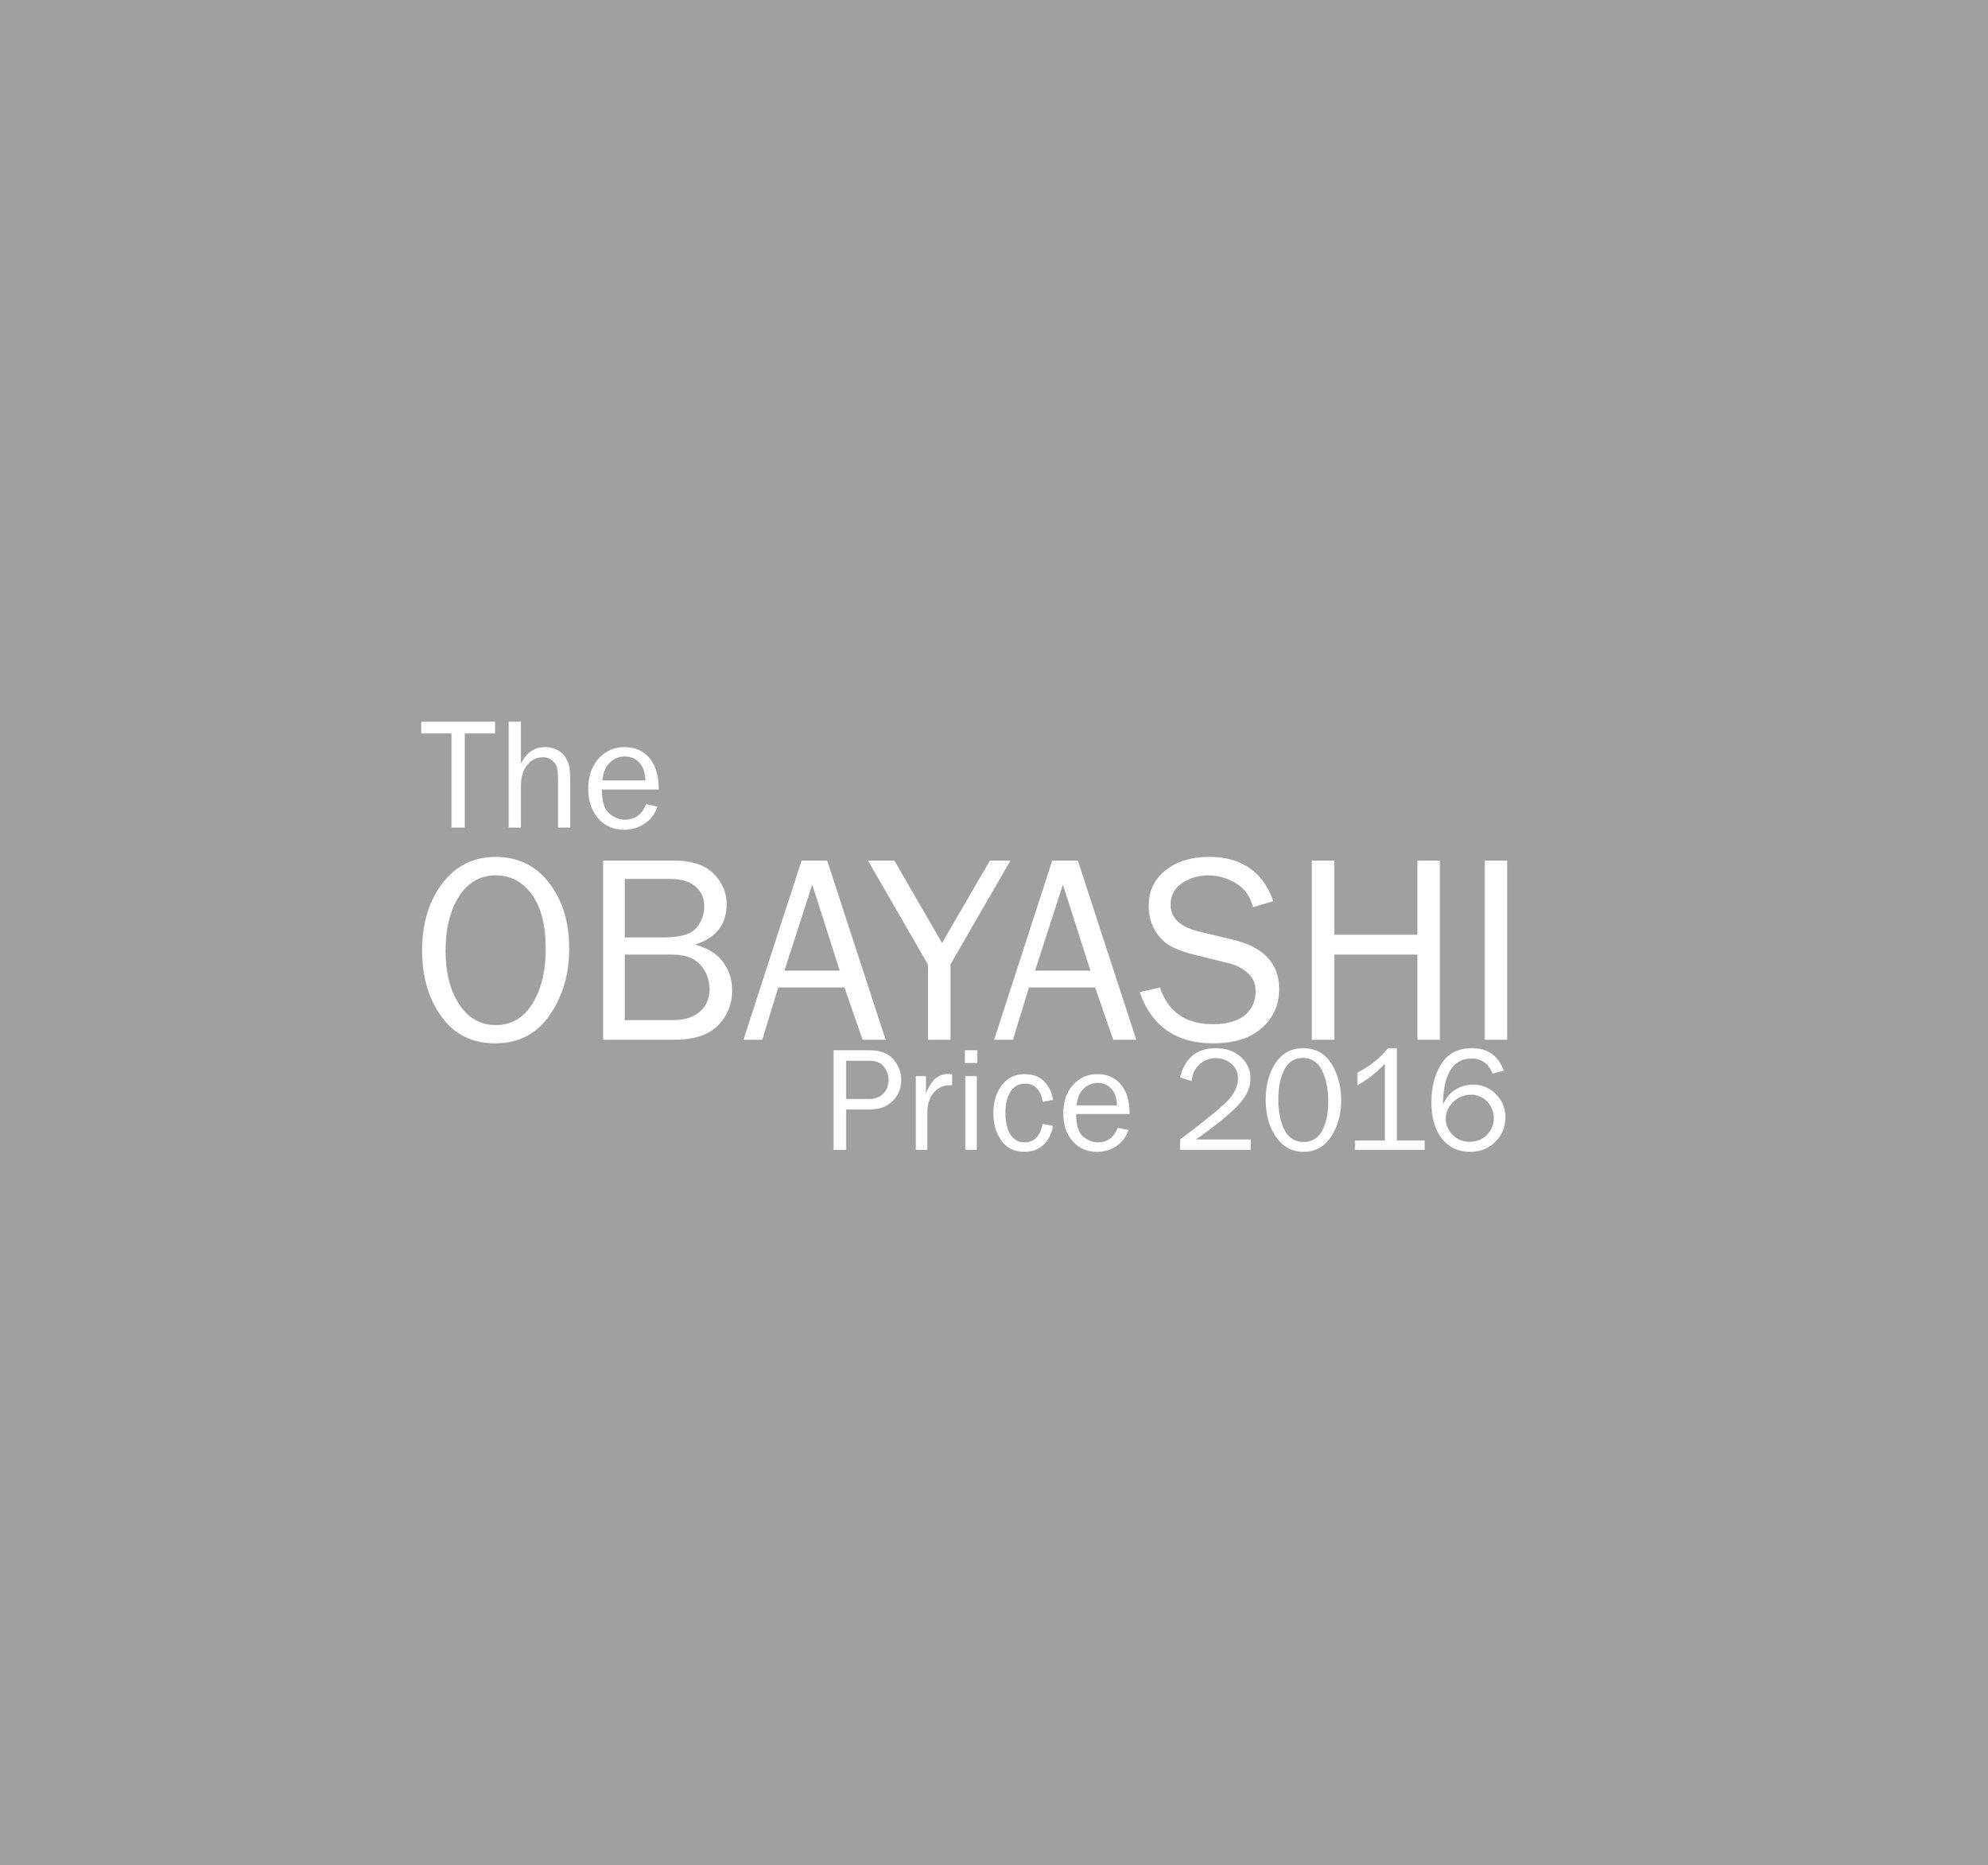 PREMIO OBAYASHI 2016